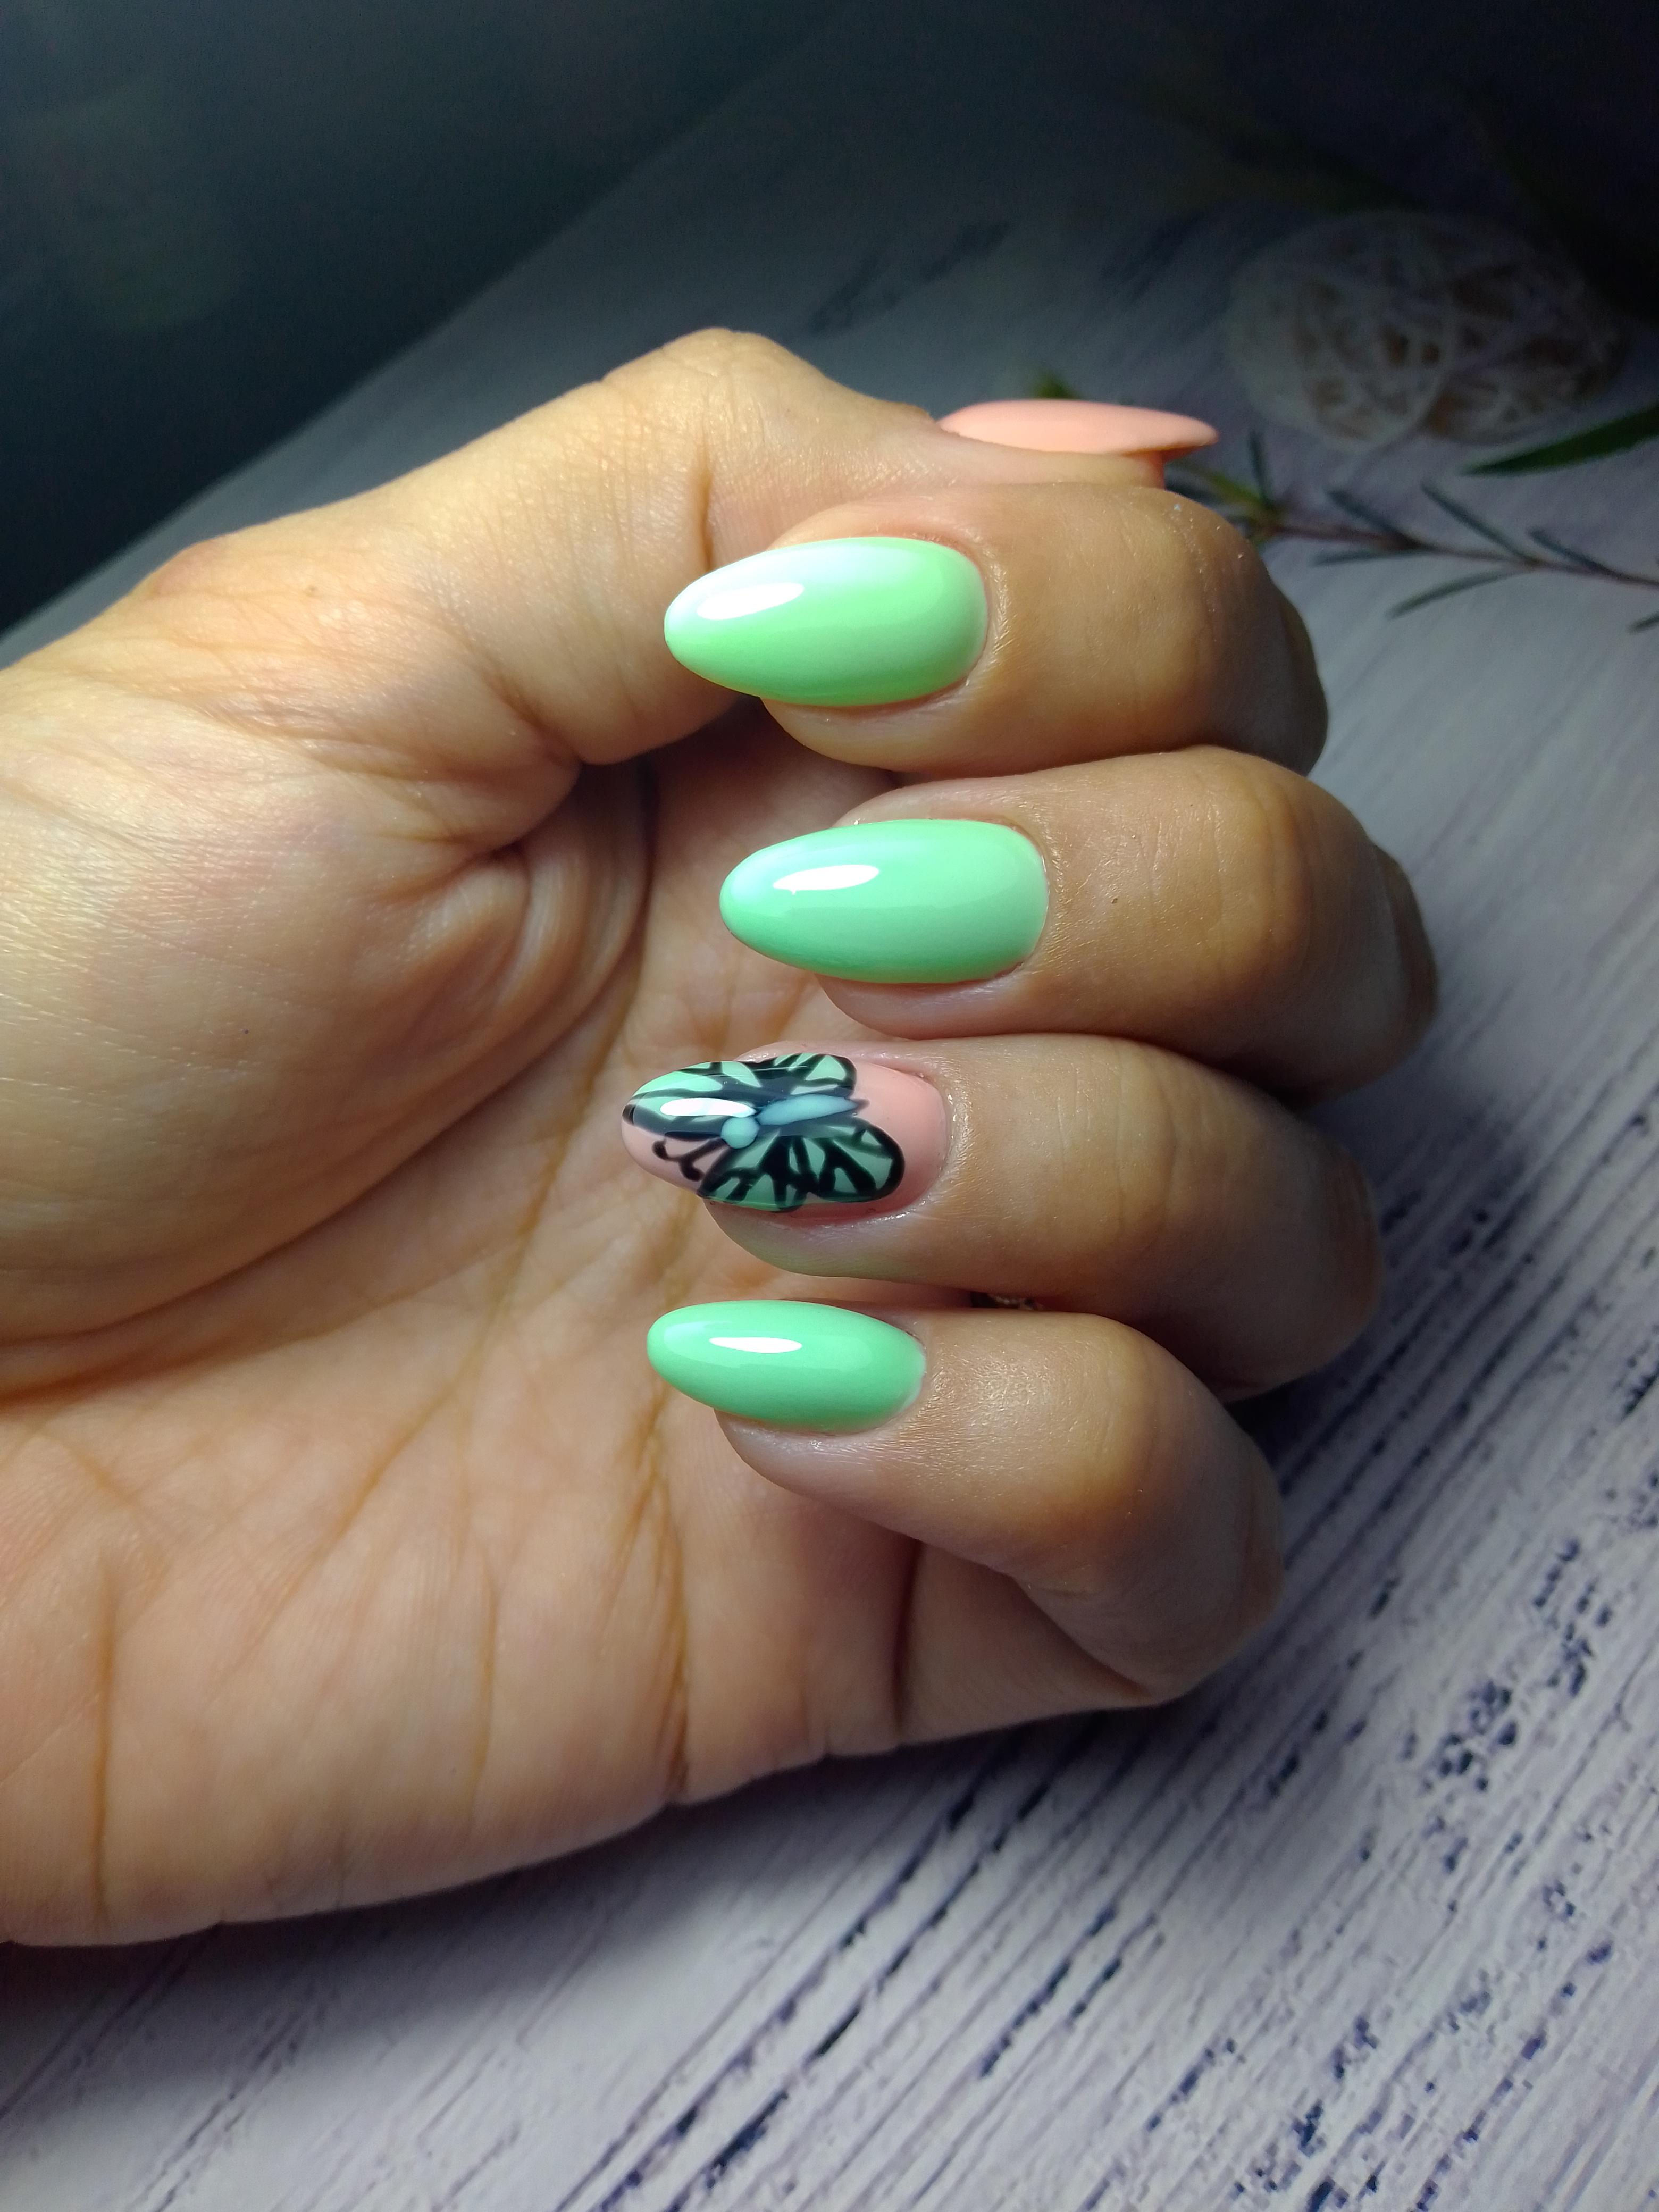 Маникюр с бабочкой в салатовом цвете.